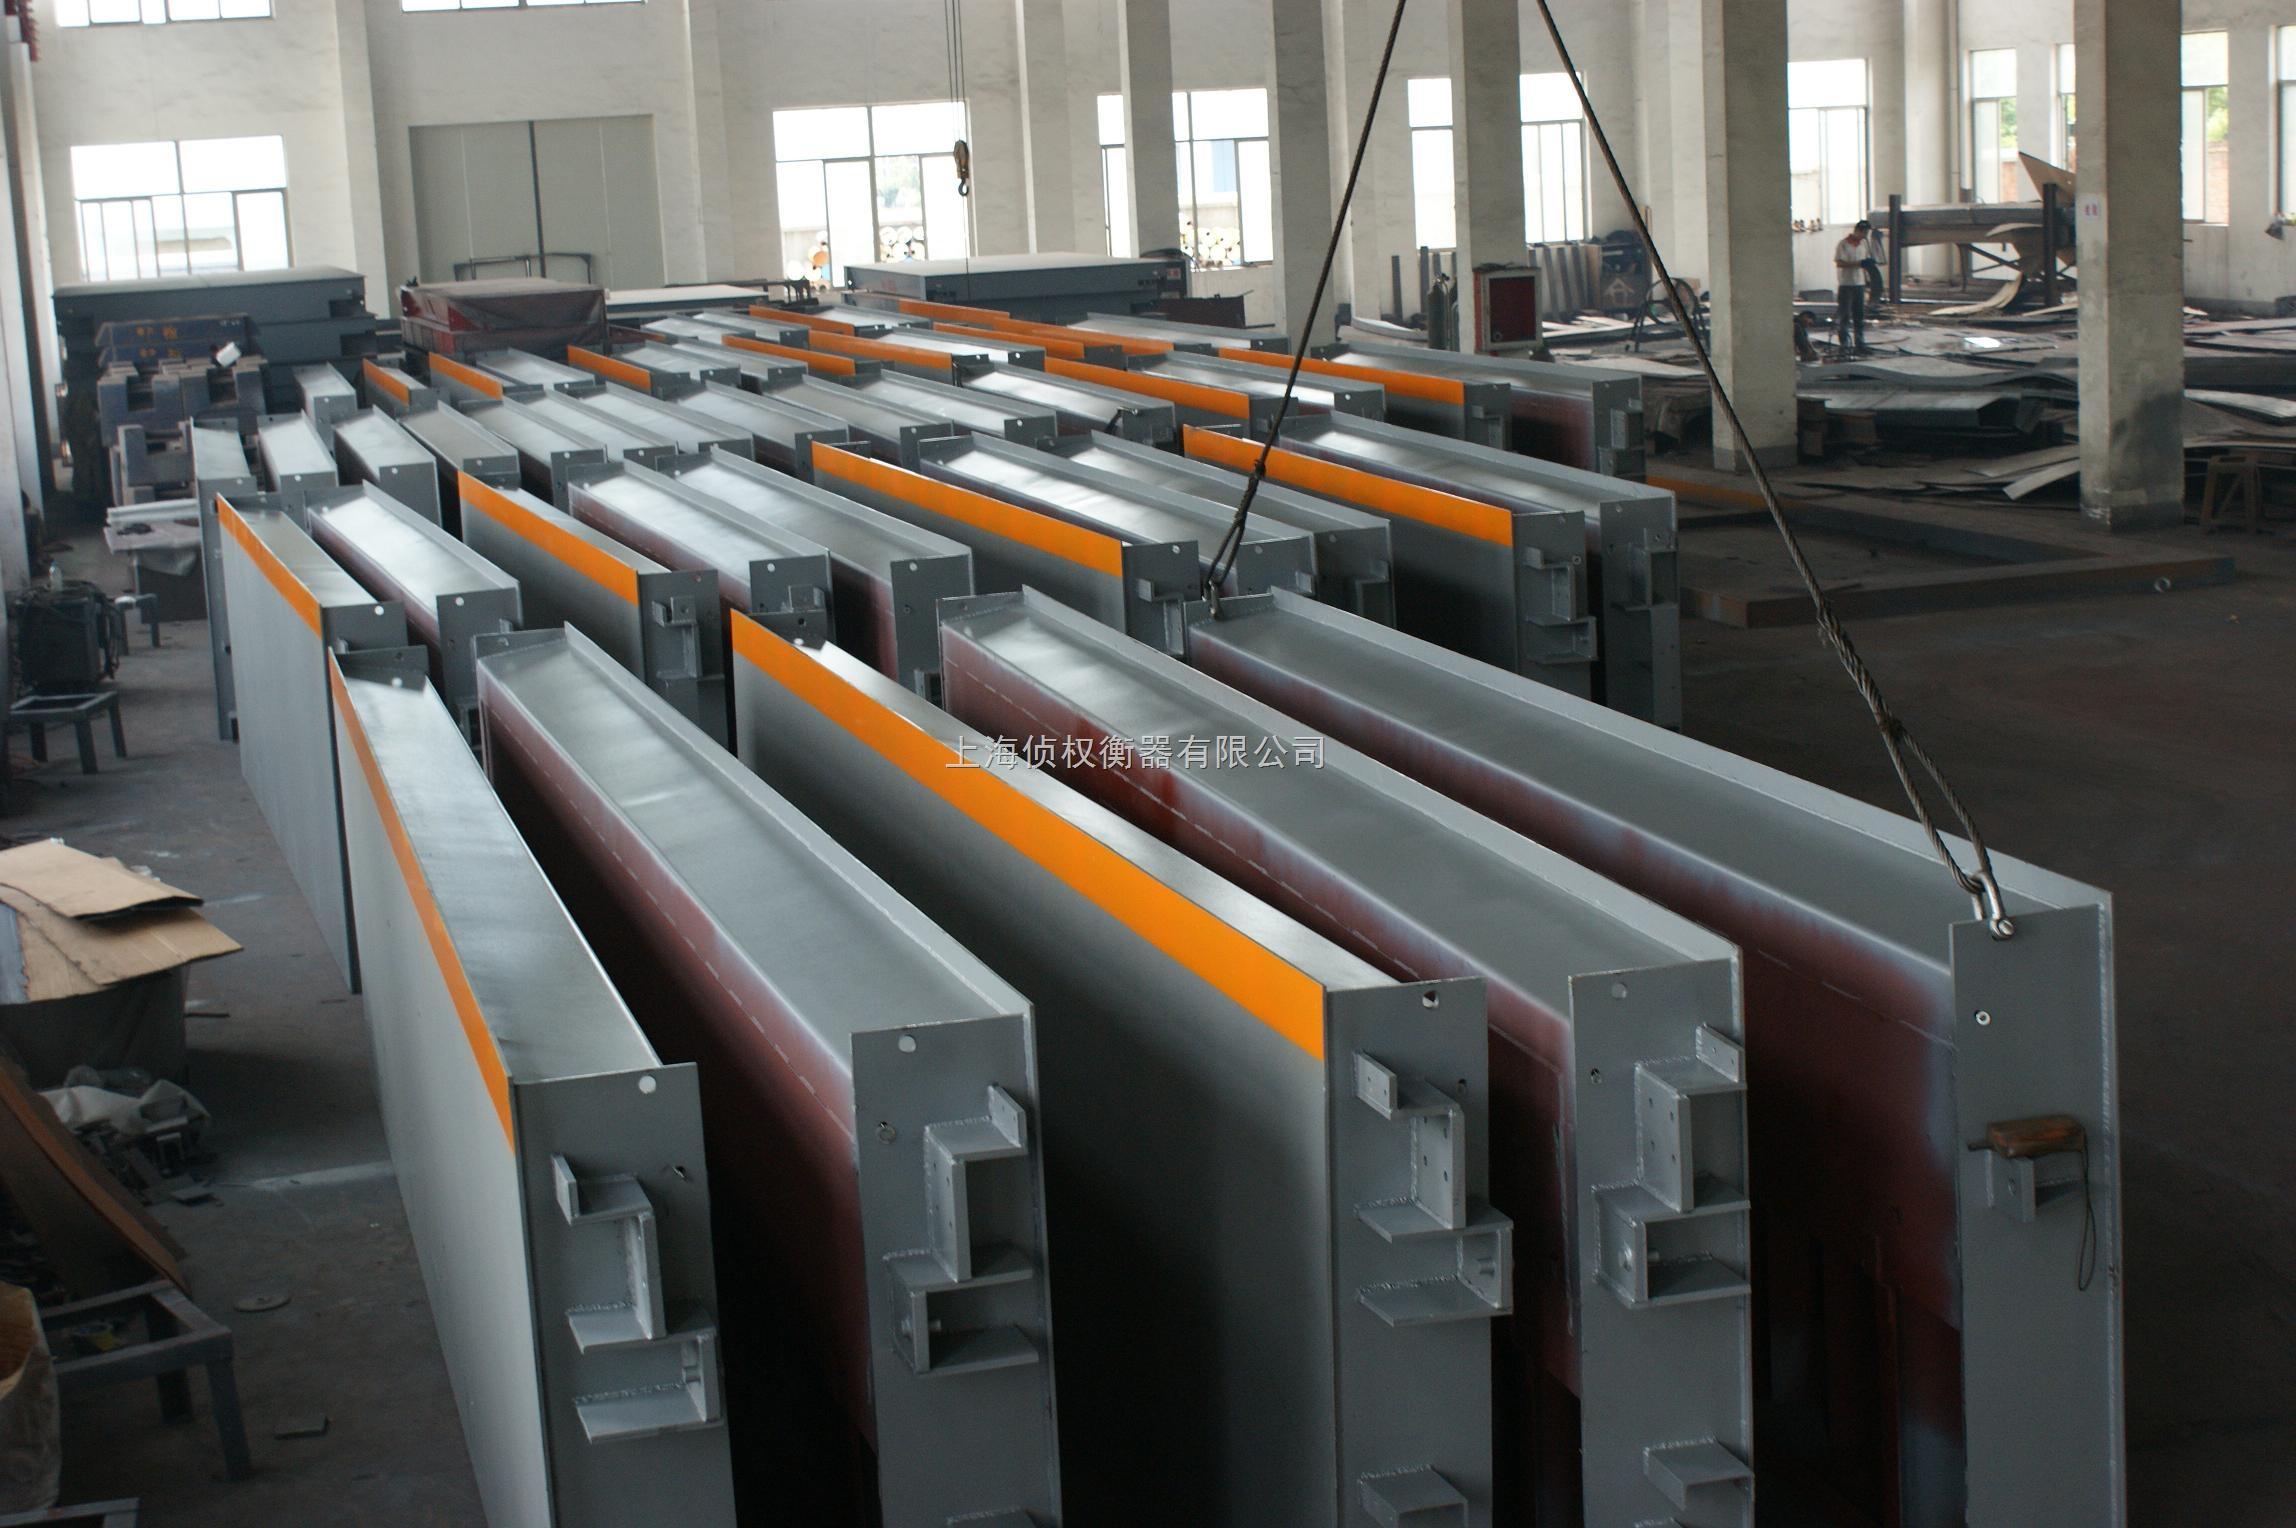 scs 启东40吨电子汽车衡出口 南通出口式40吨电子地磅